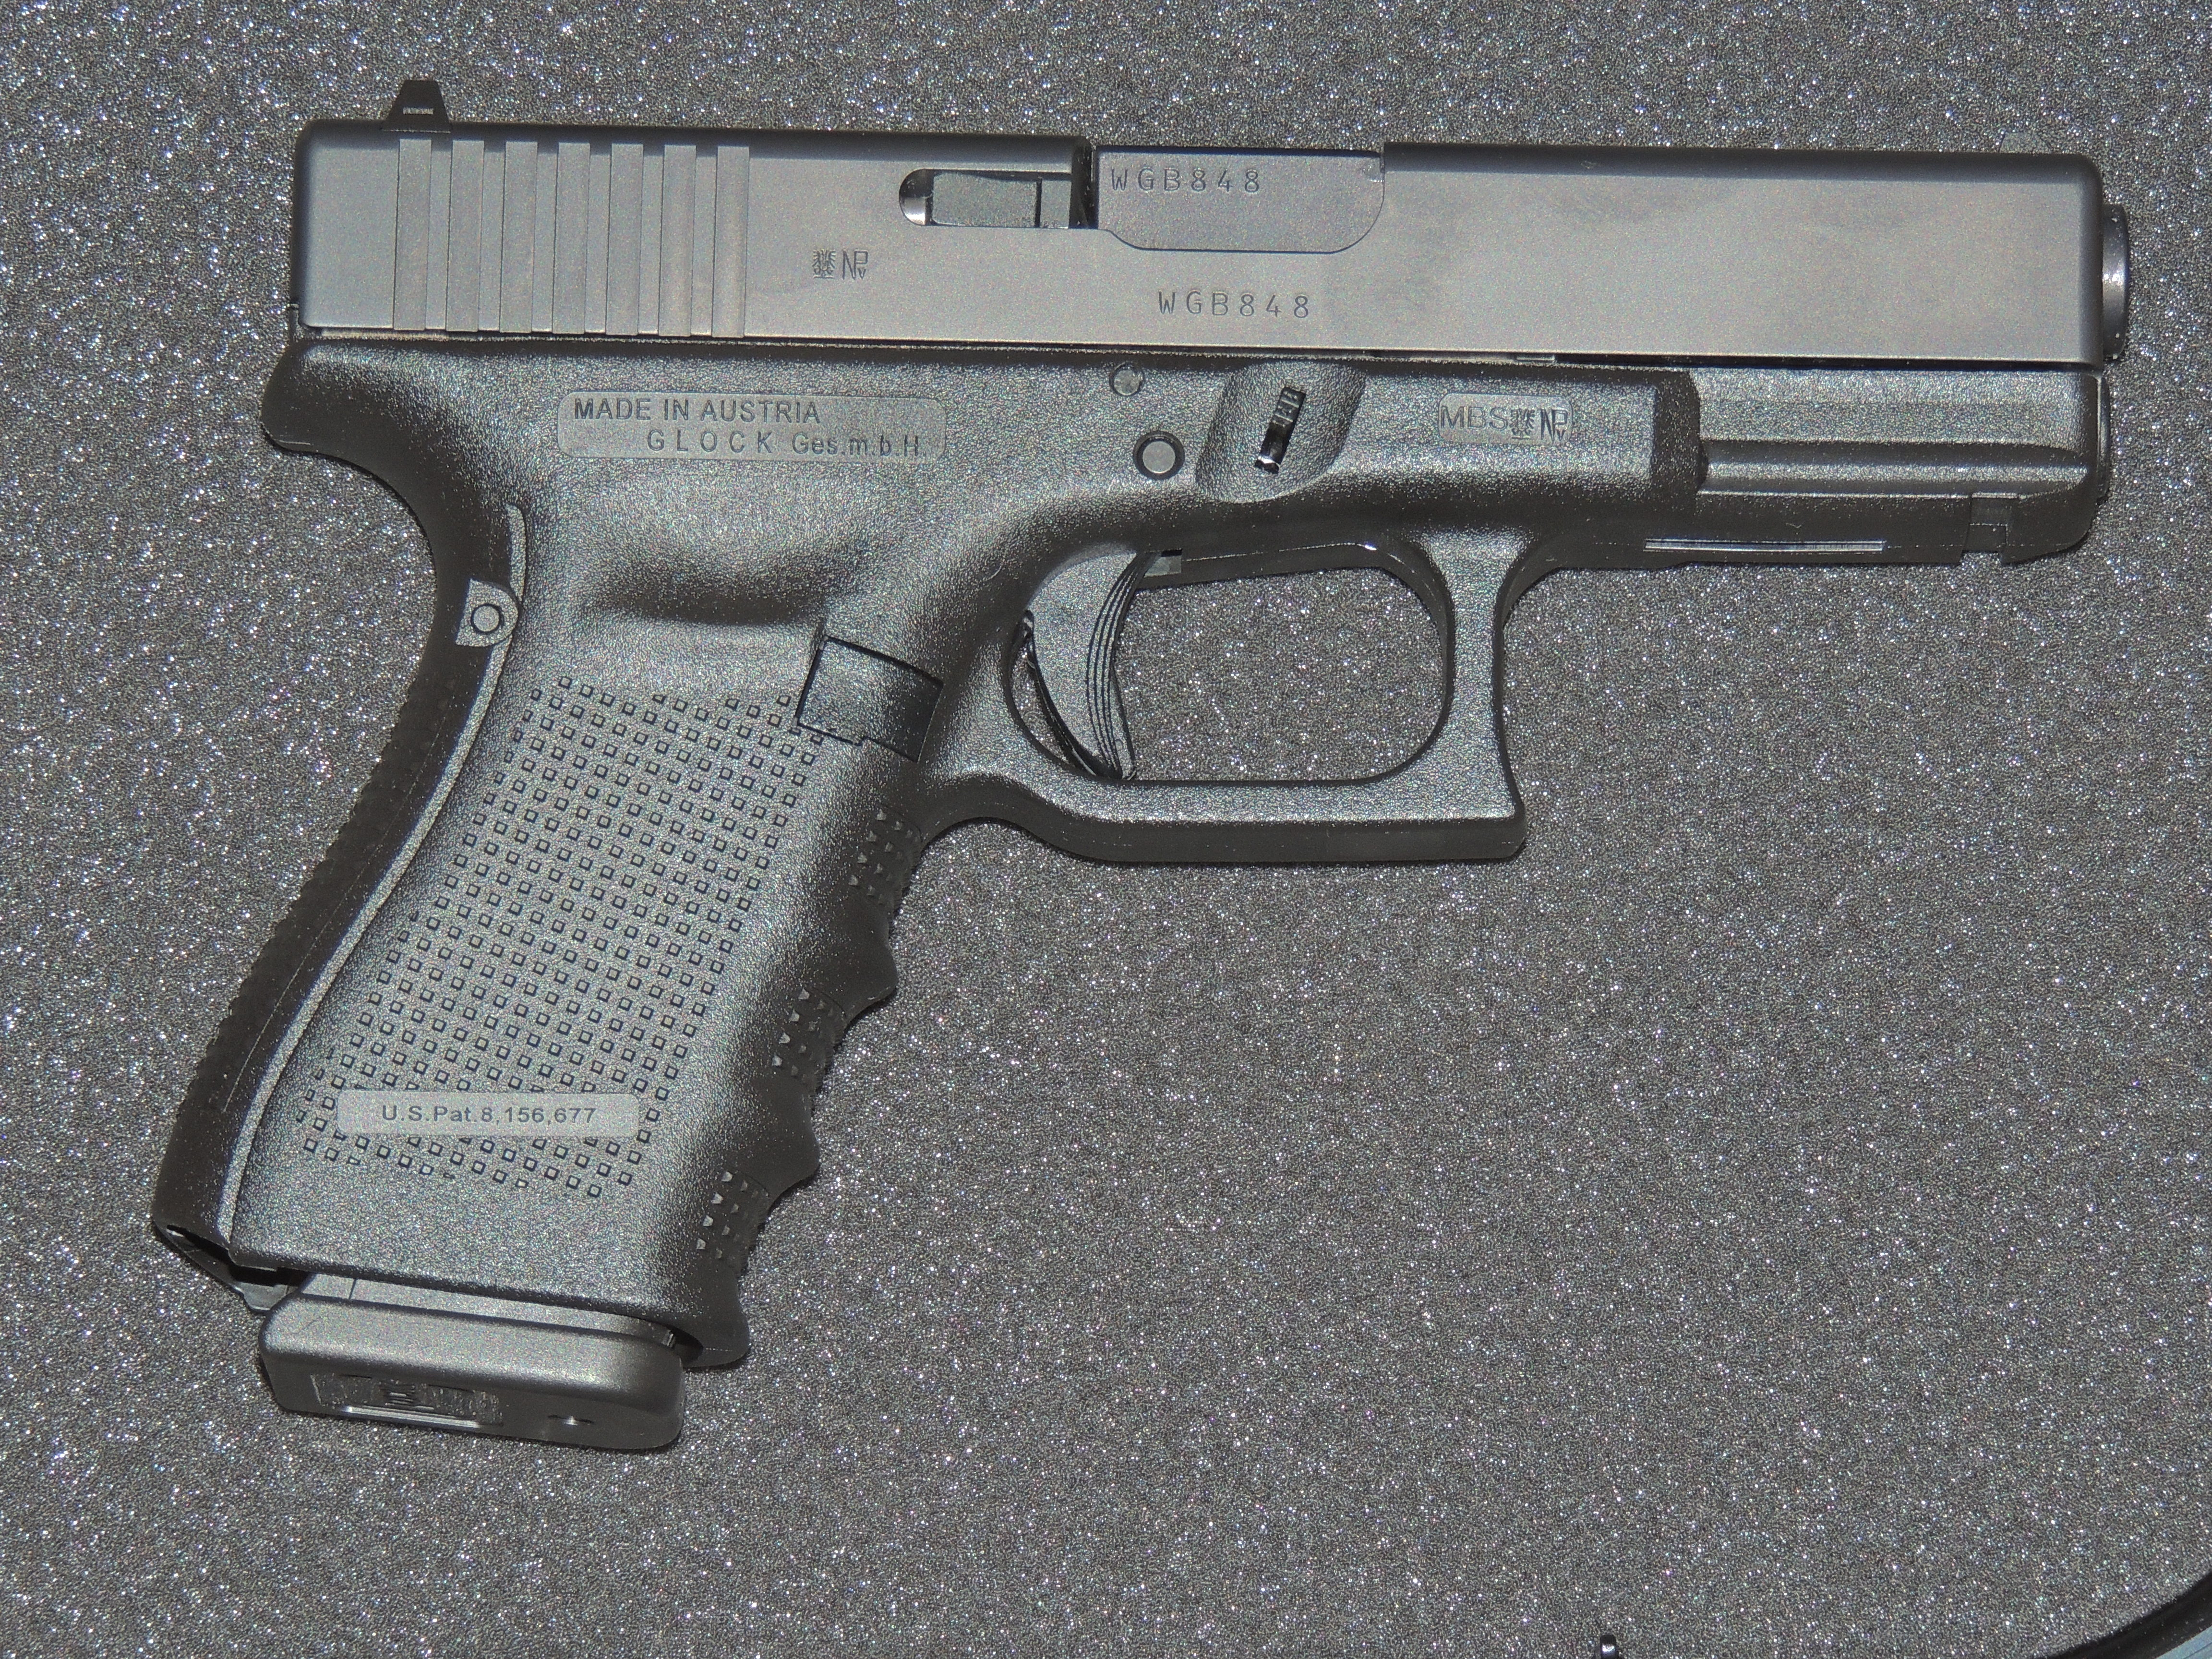 File:Glock 19 Gen 4 II.JPG - Wikimedia Commons